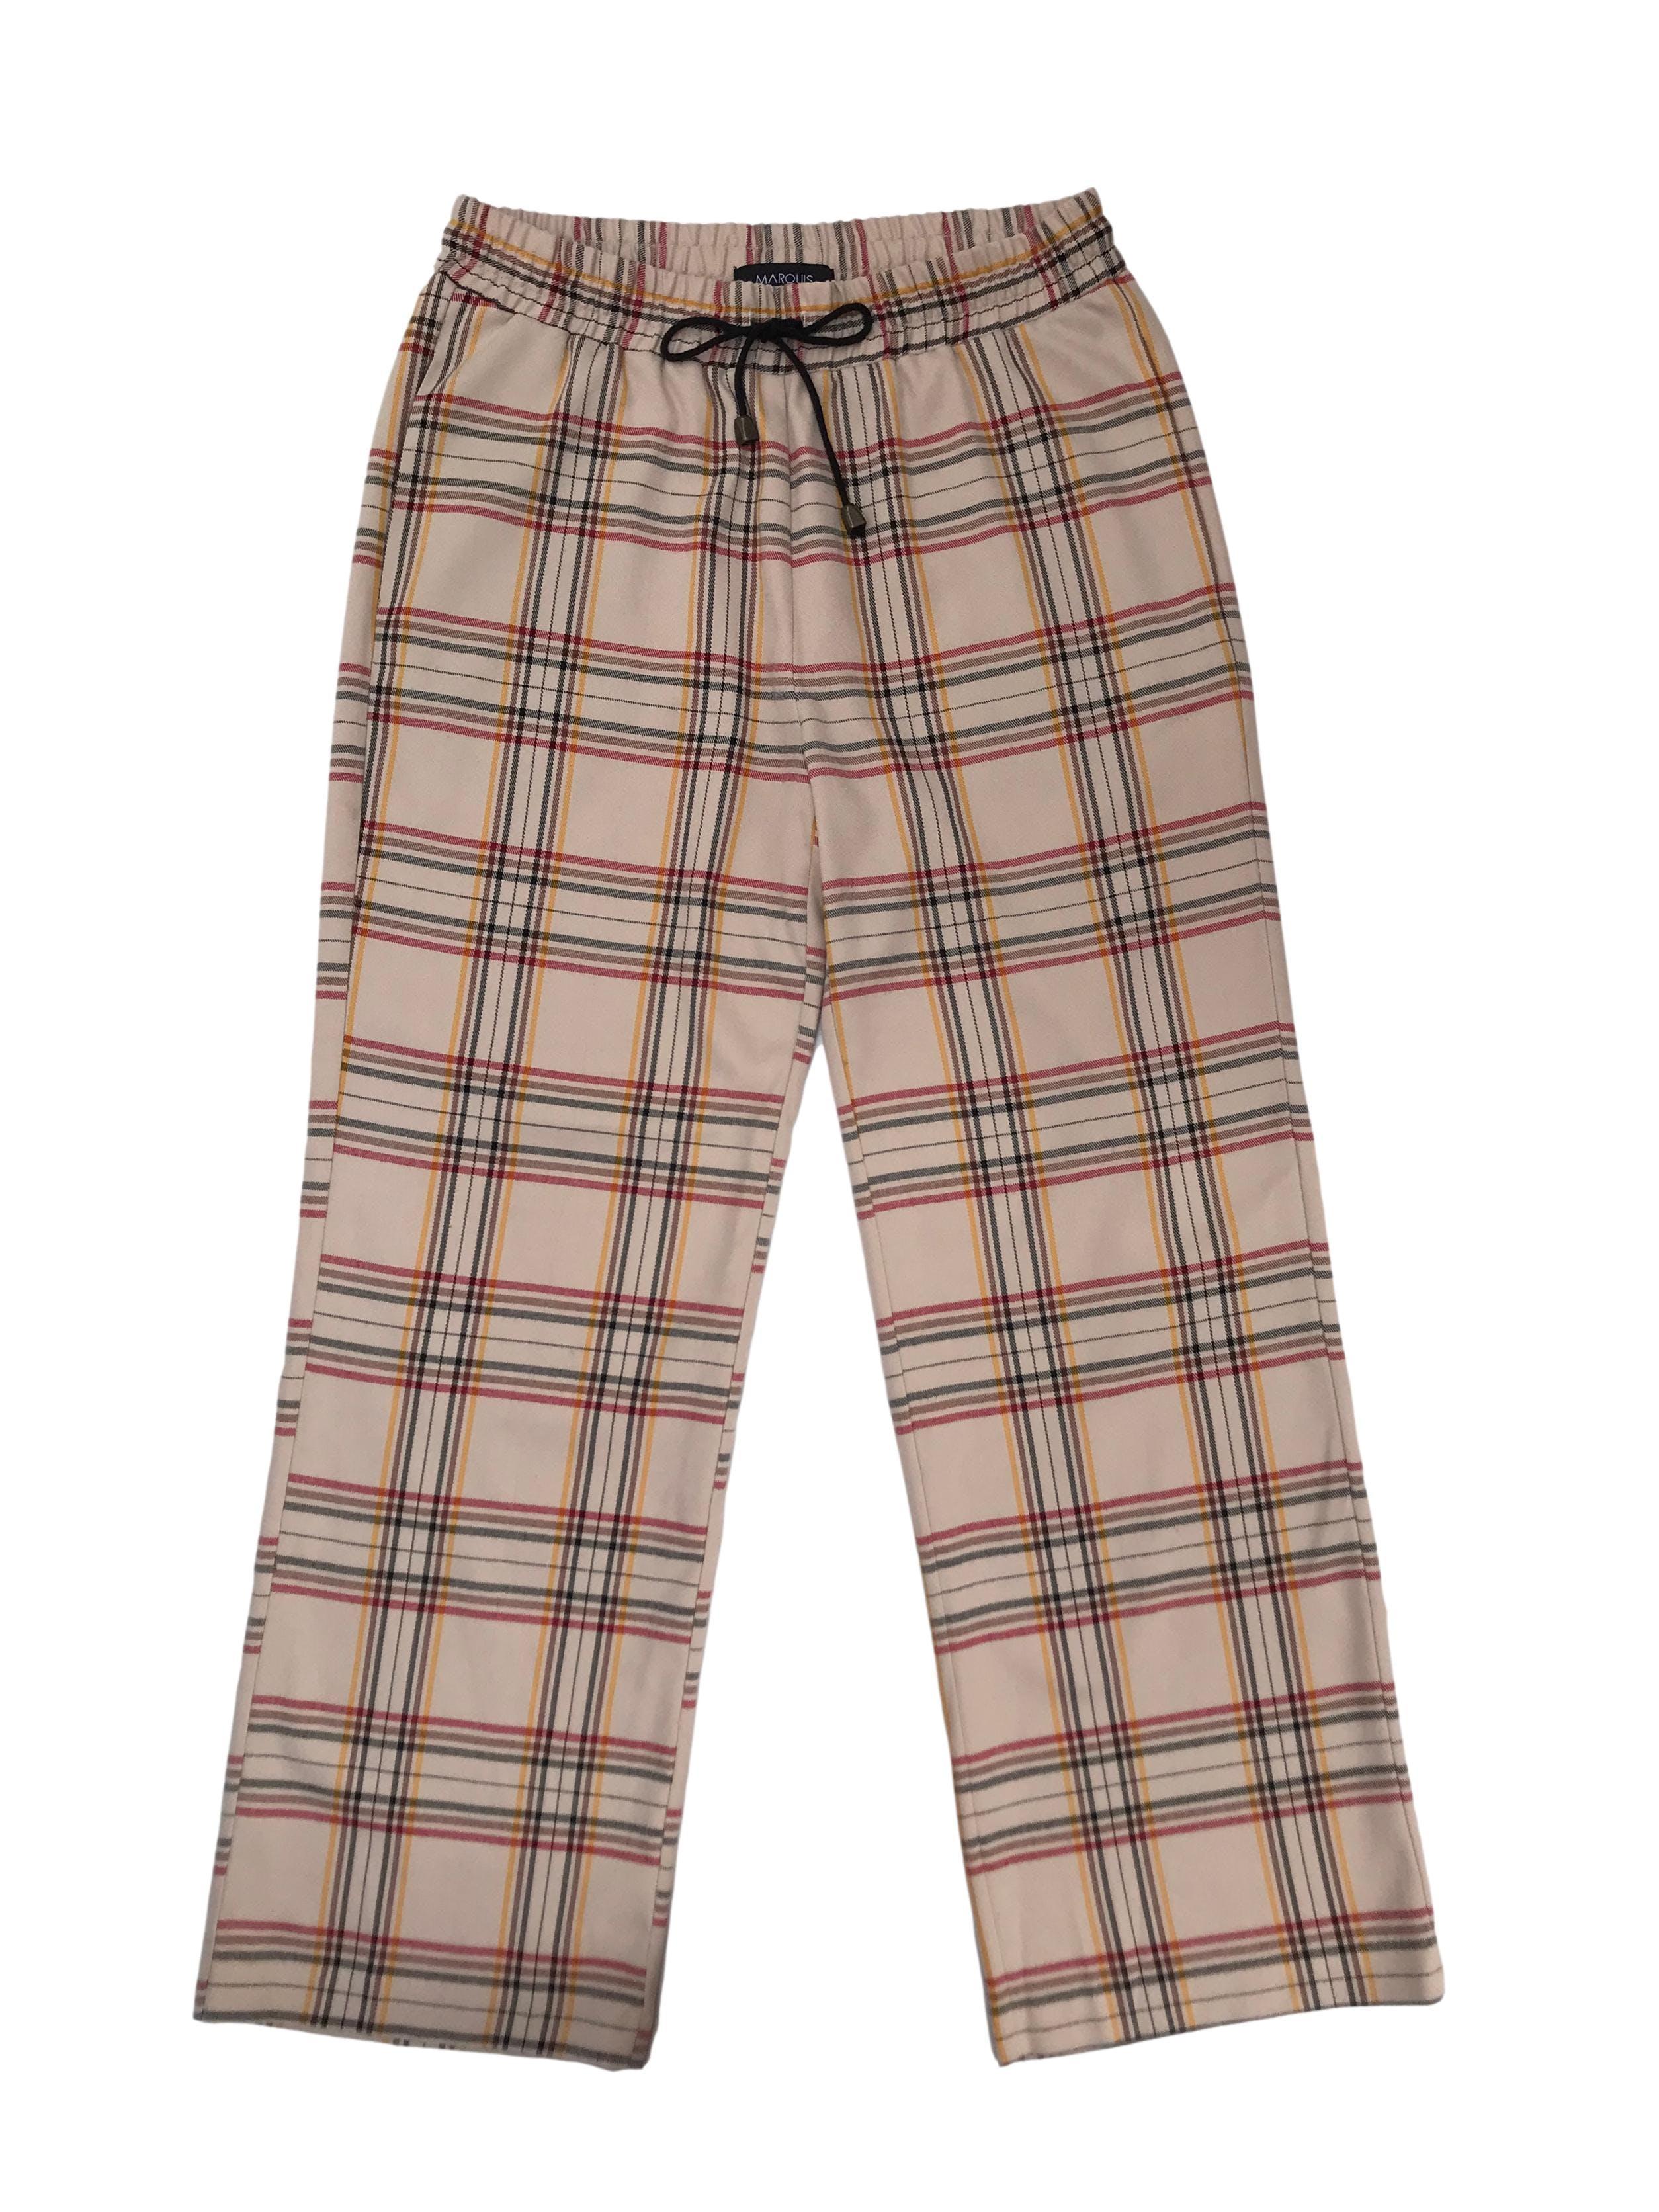 Pantalón Marquis beige a cuadros, corte recto, pretina elástica con pasador y bolsillos laterales. Cintura 76cm sin estirar